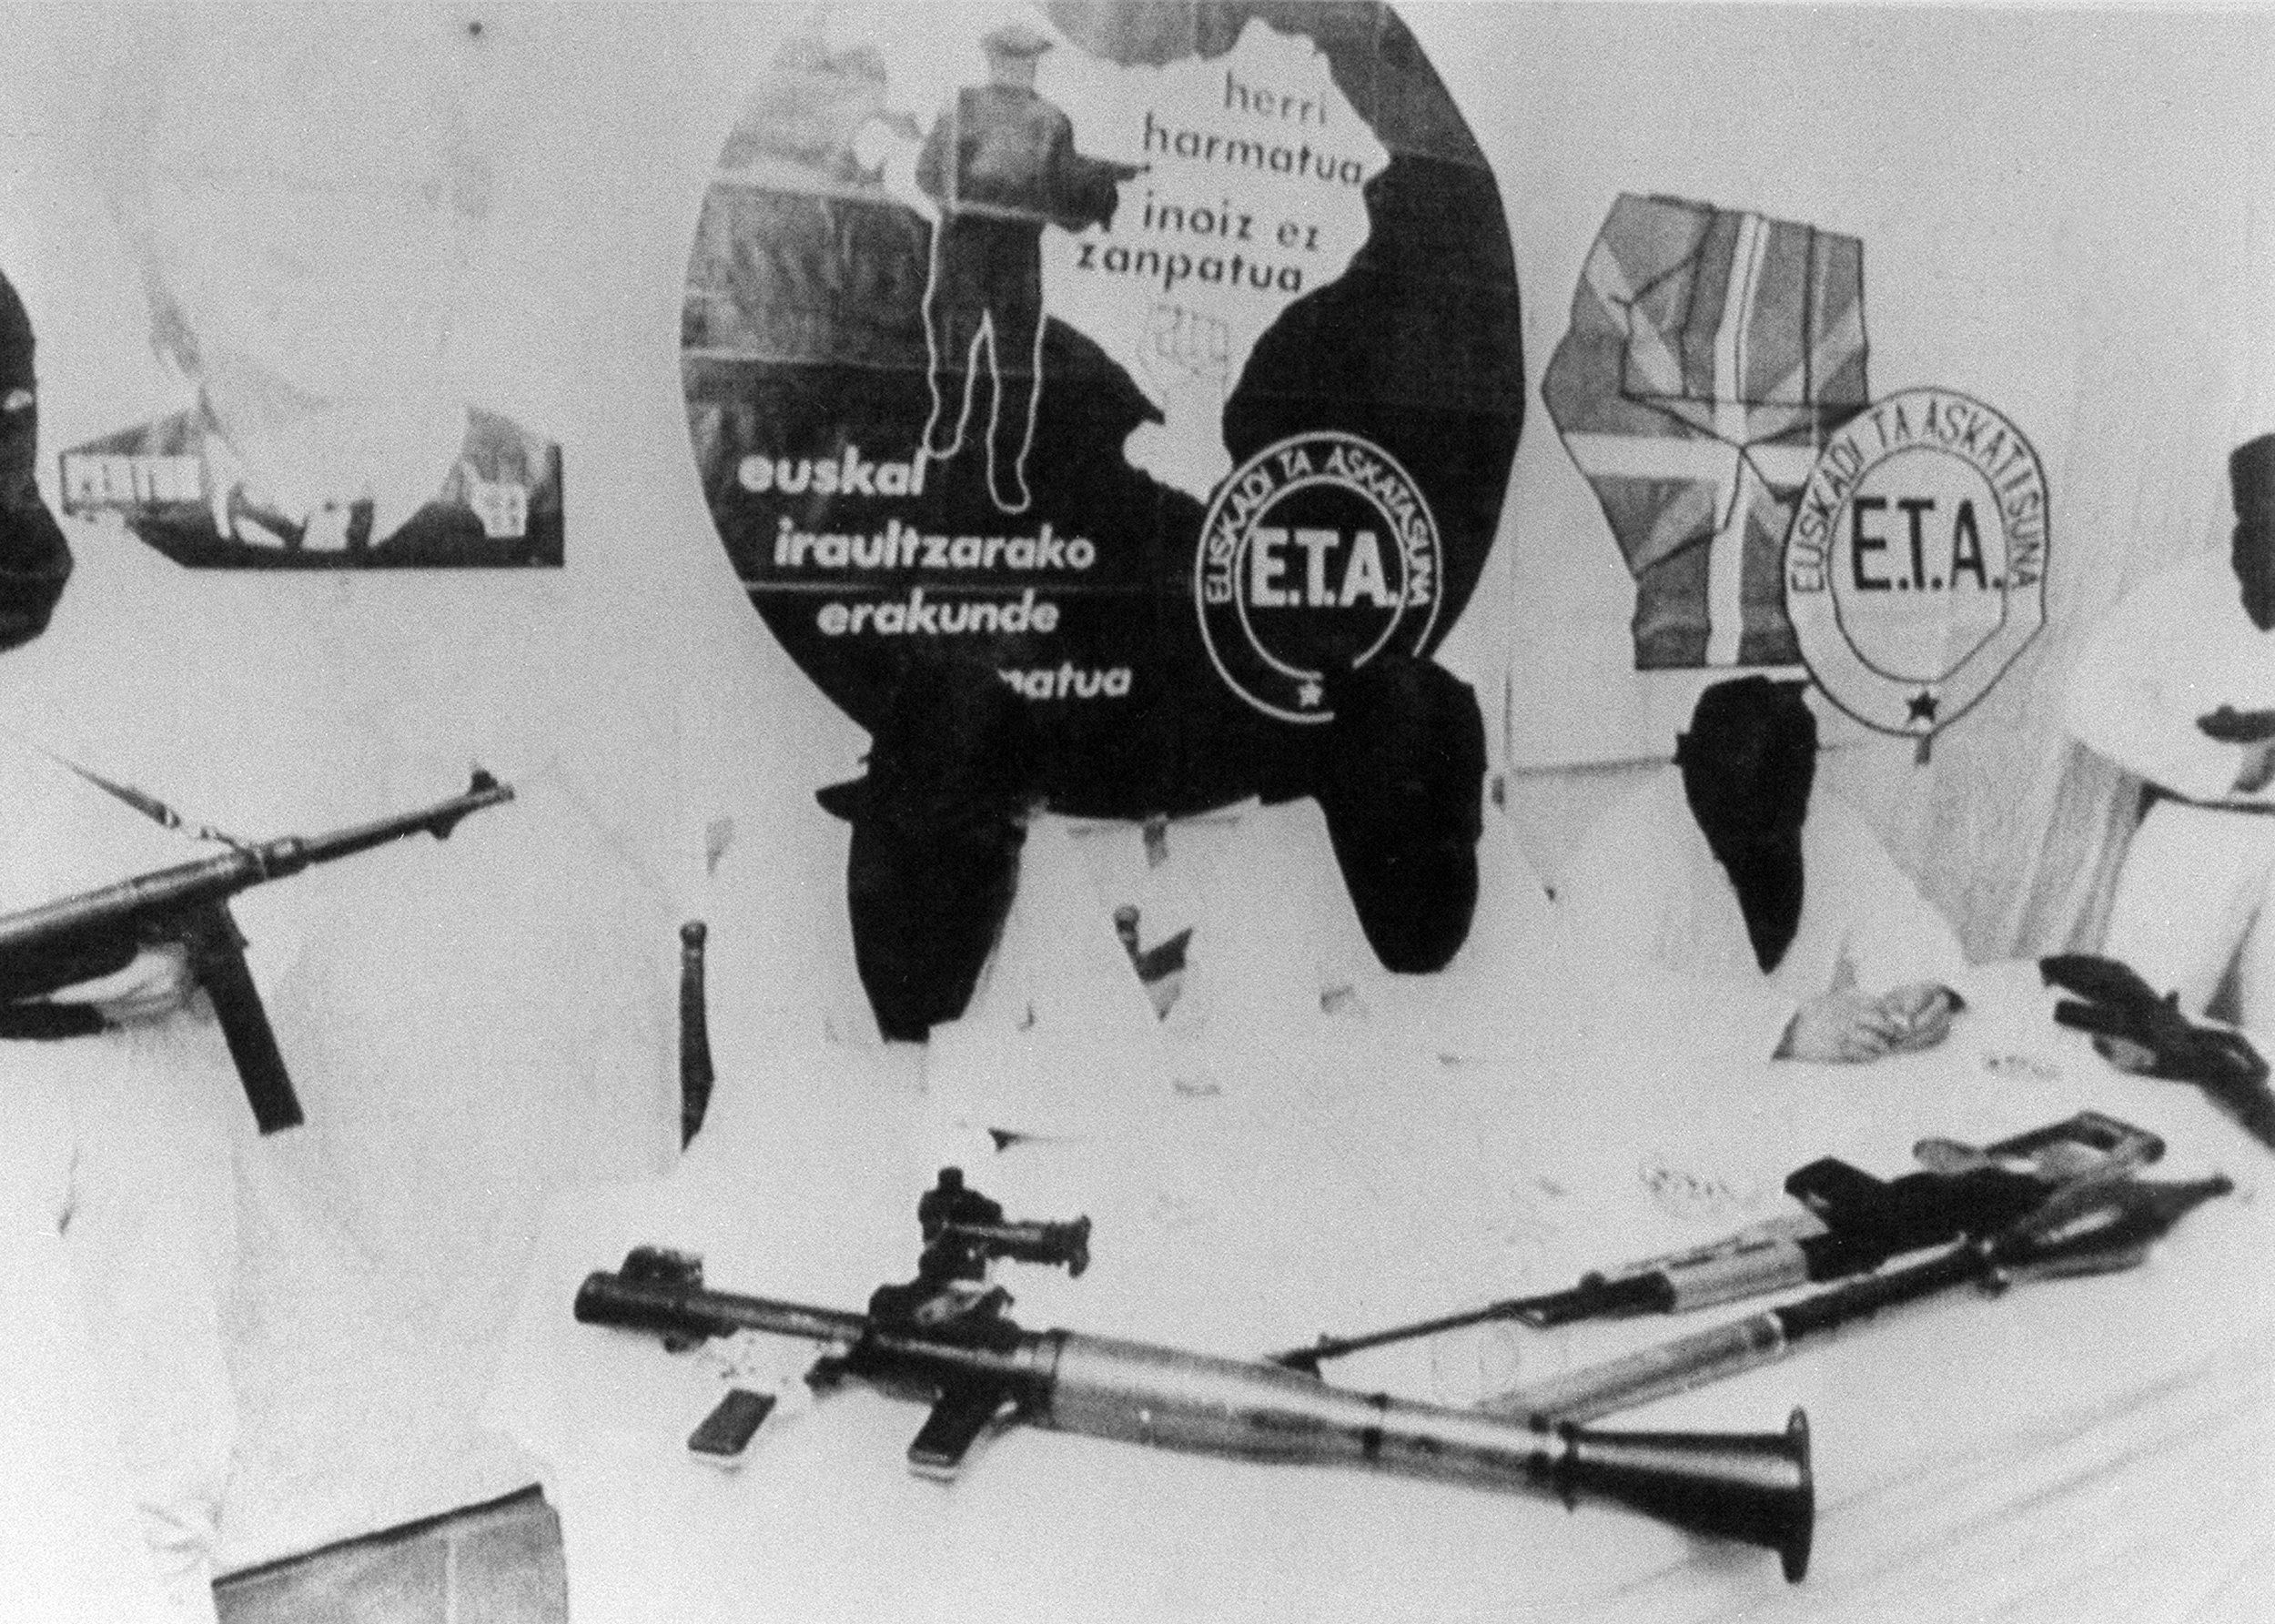 Végleg feladja a fegyveres harcot a baszk ETA